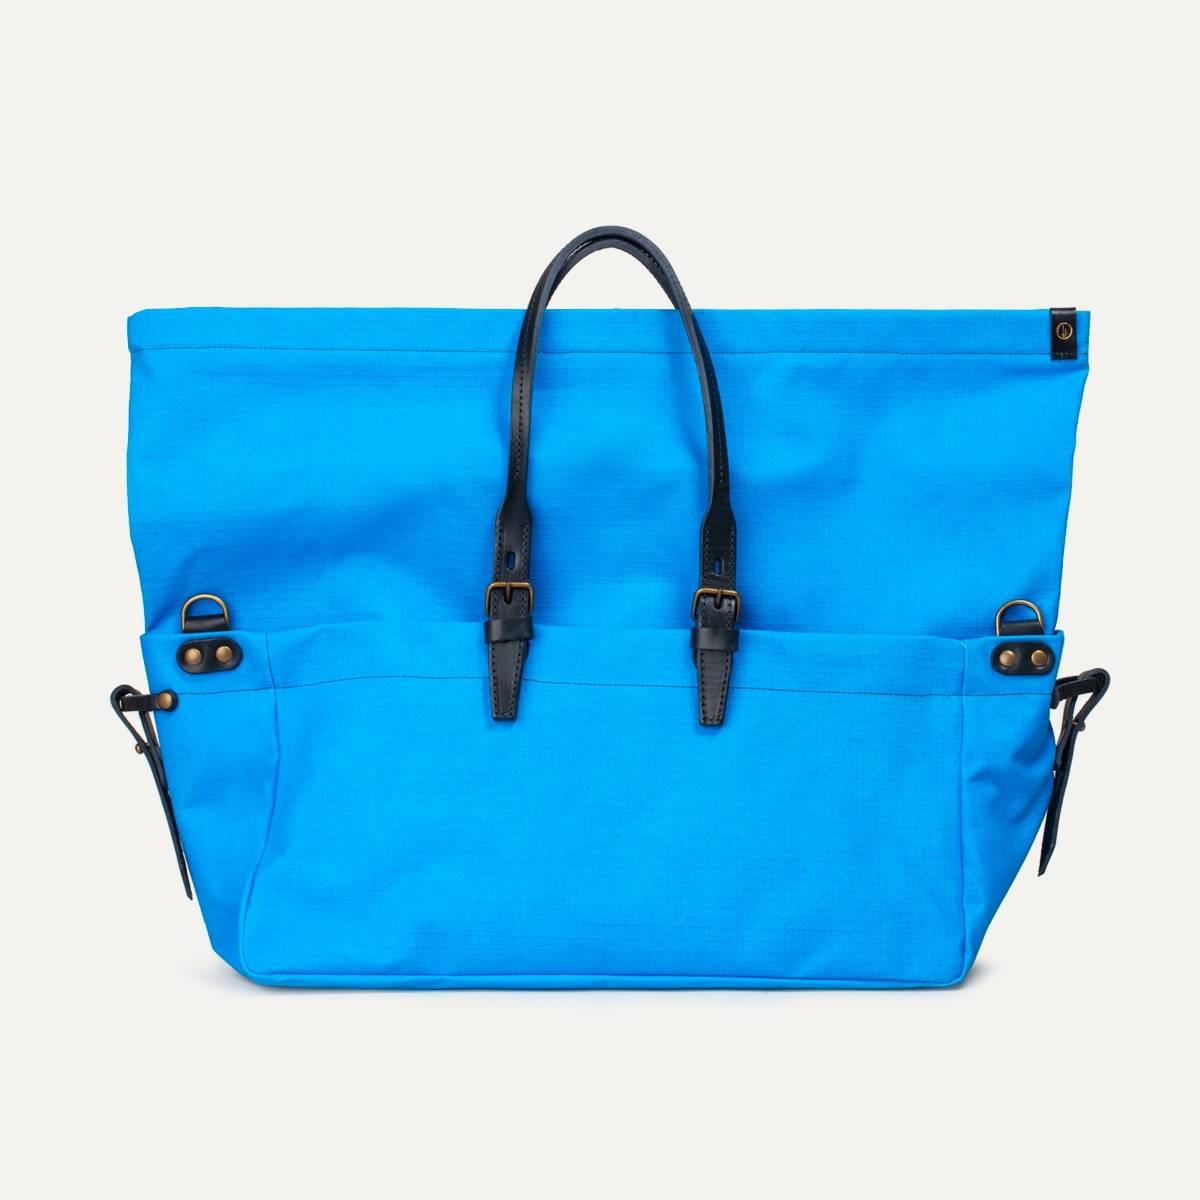 Cabine Travel bag  - Regentex Blue (image n°6)